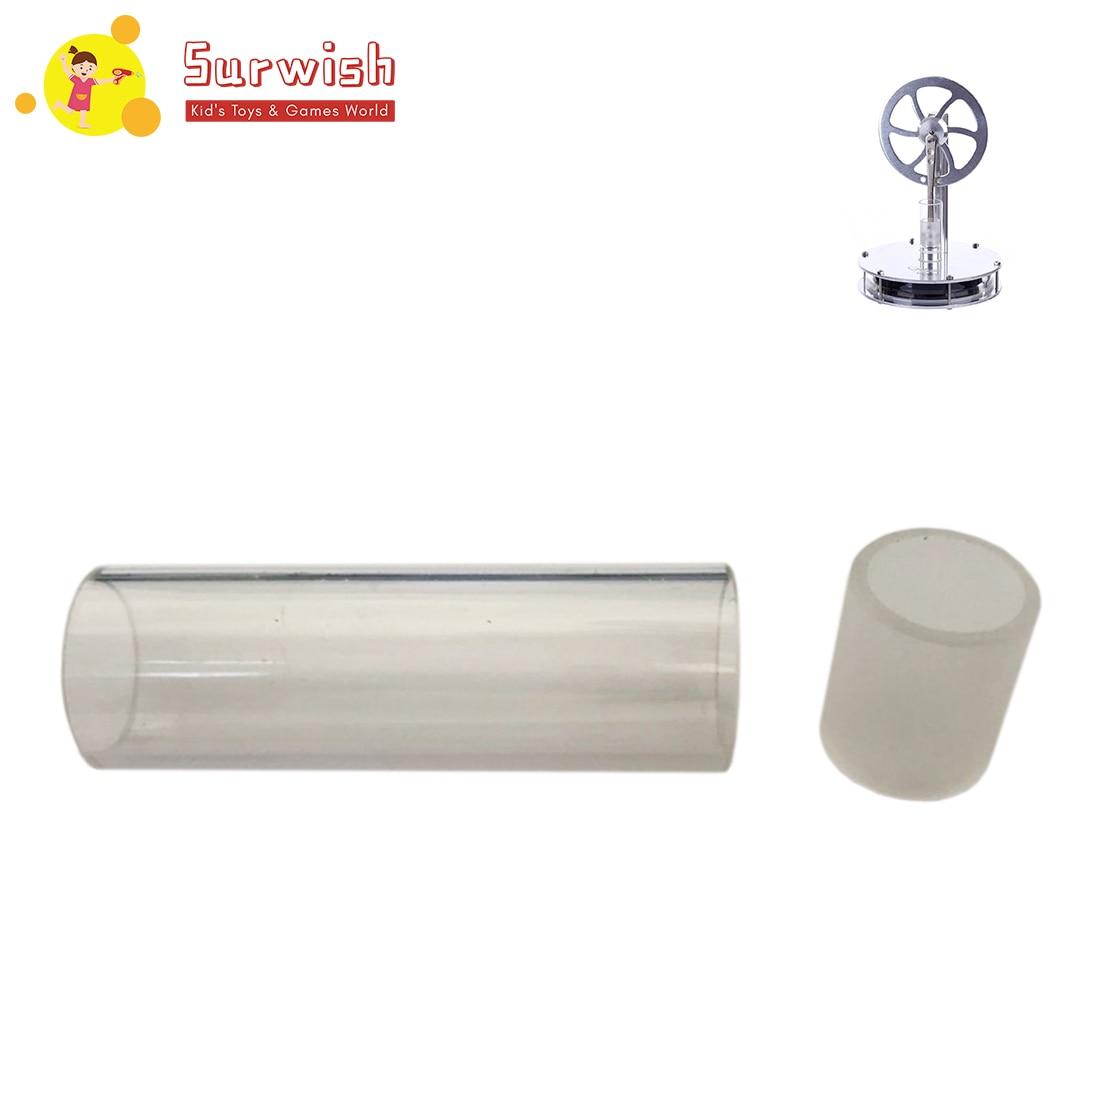 Power Zylinder Glas Rohr Mit 32mm Lange Und 15mm Äußere Durchmesser Für QX-DWCL-01 Stirling Motor Ersatz